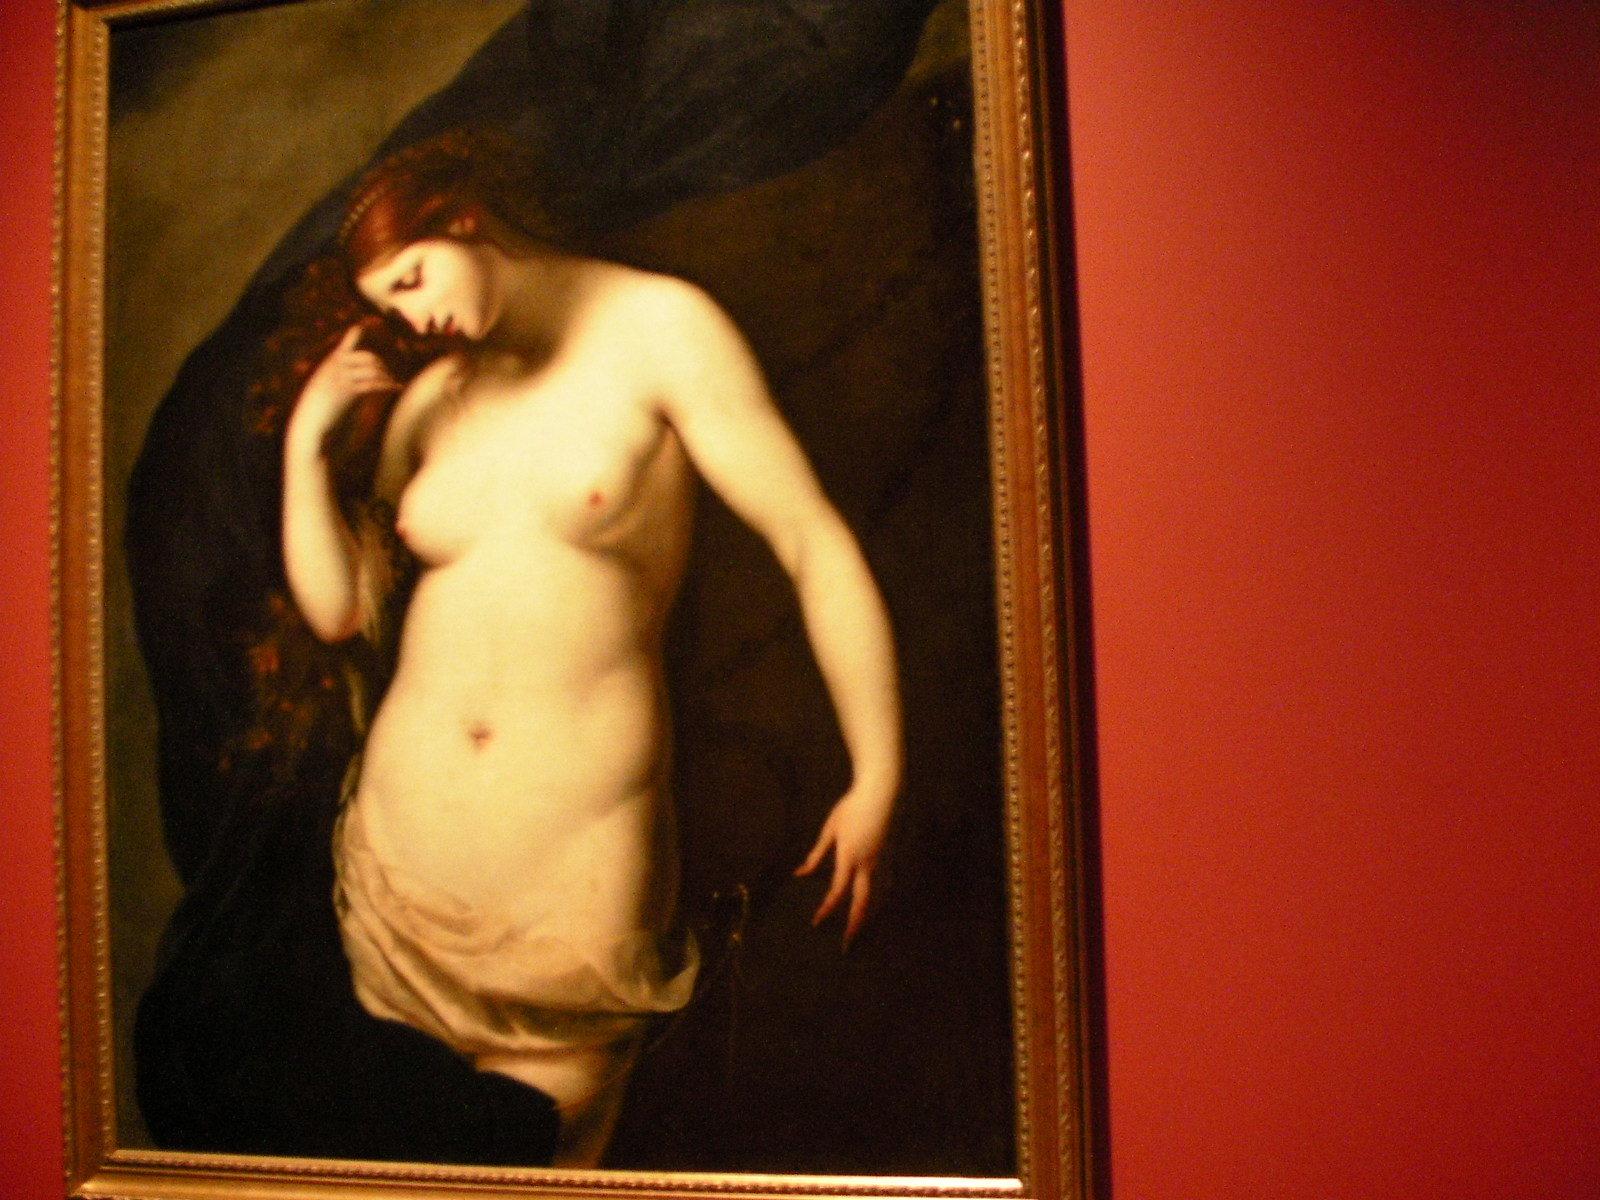 フランチェスコ・フリーニ《アンドロメダ》(1636)